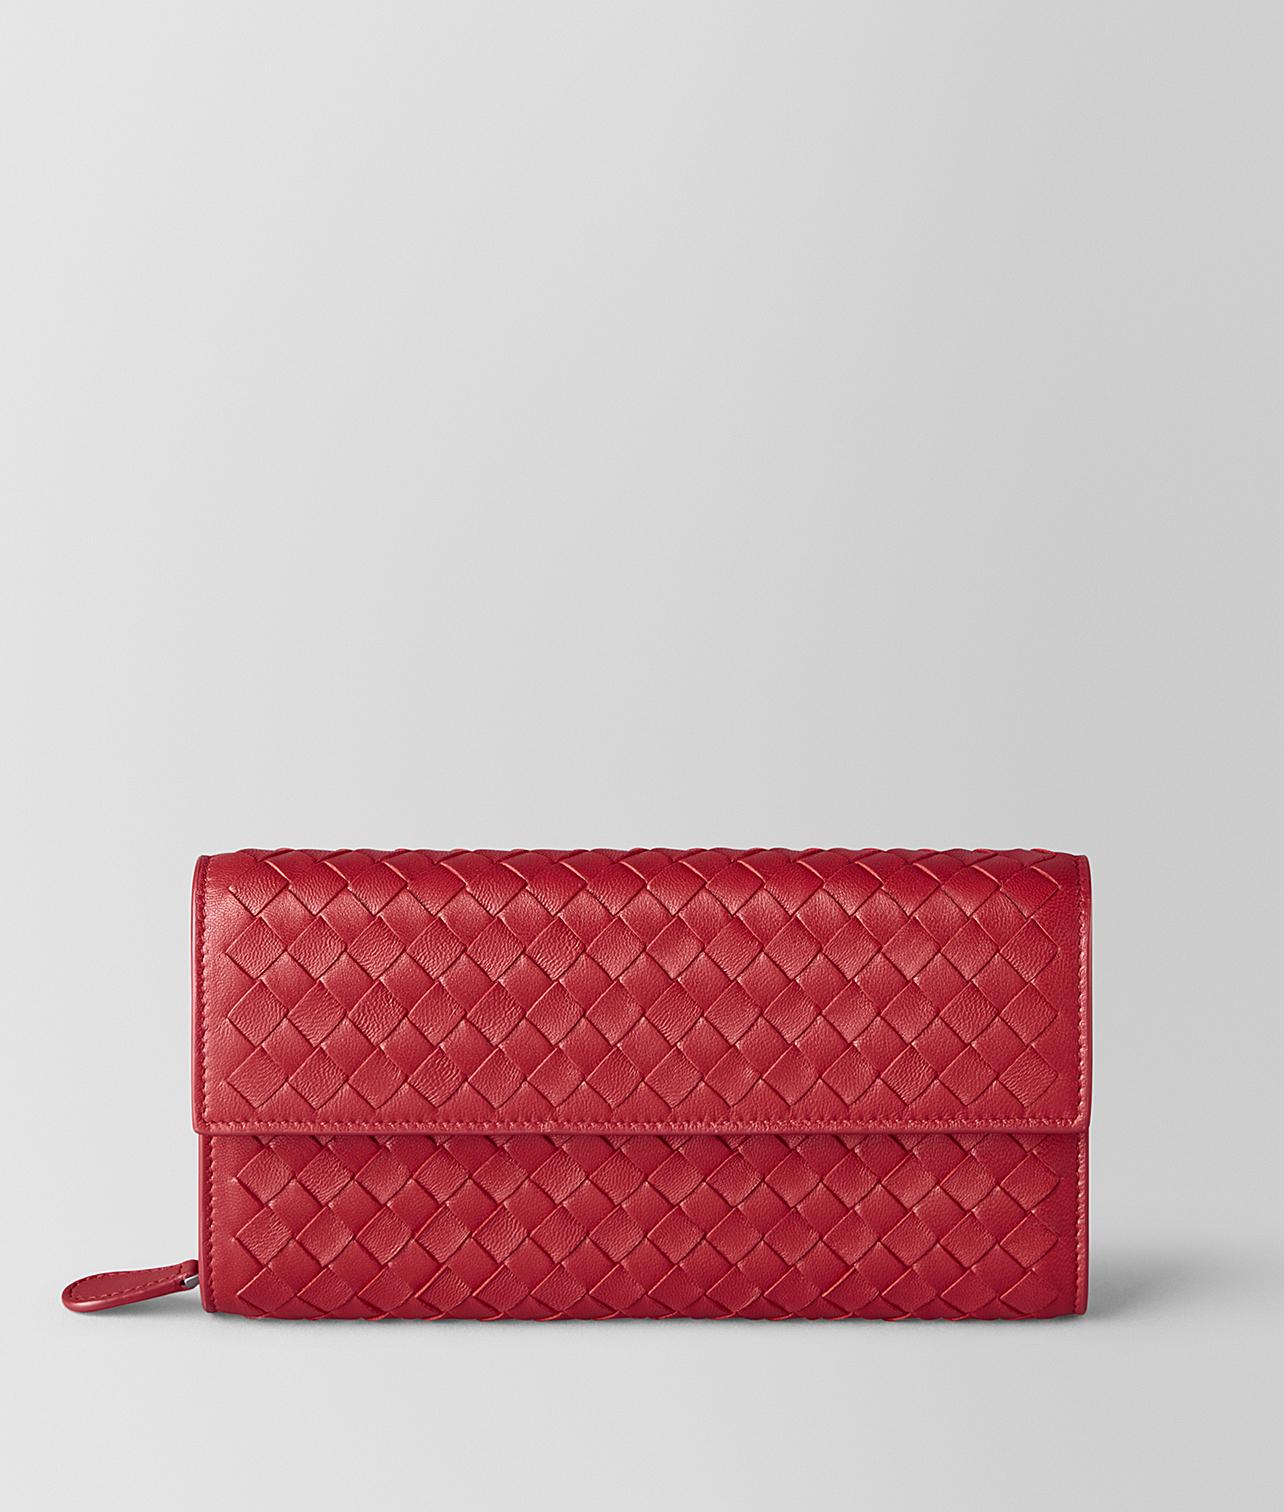 30代の女性に似合うボッテガの財布